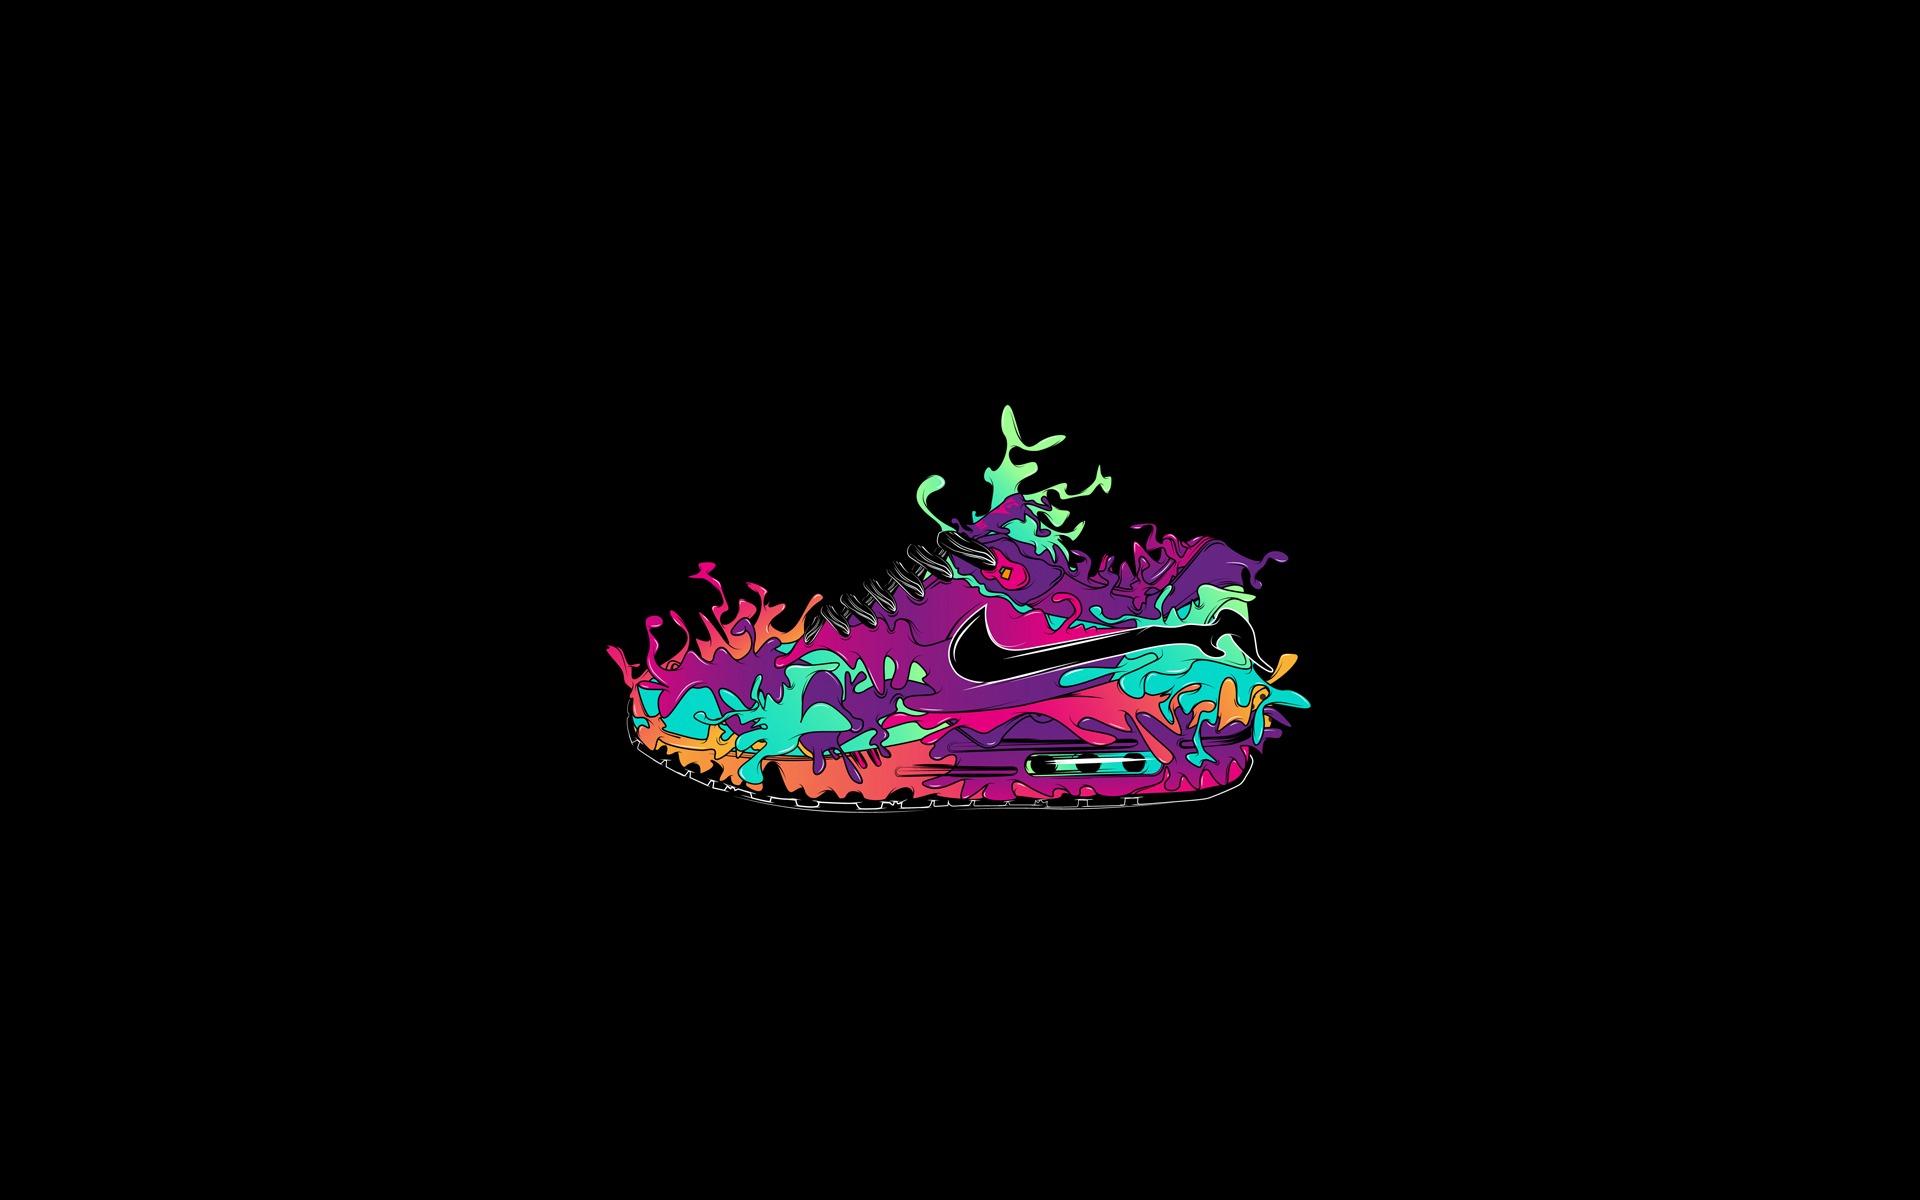 Кросовок Nike  № 2550703 без смс